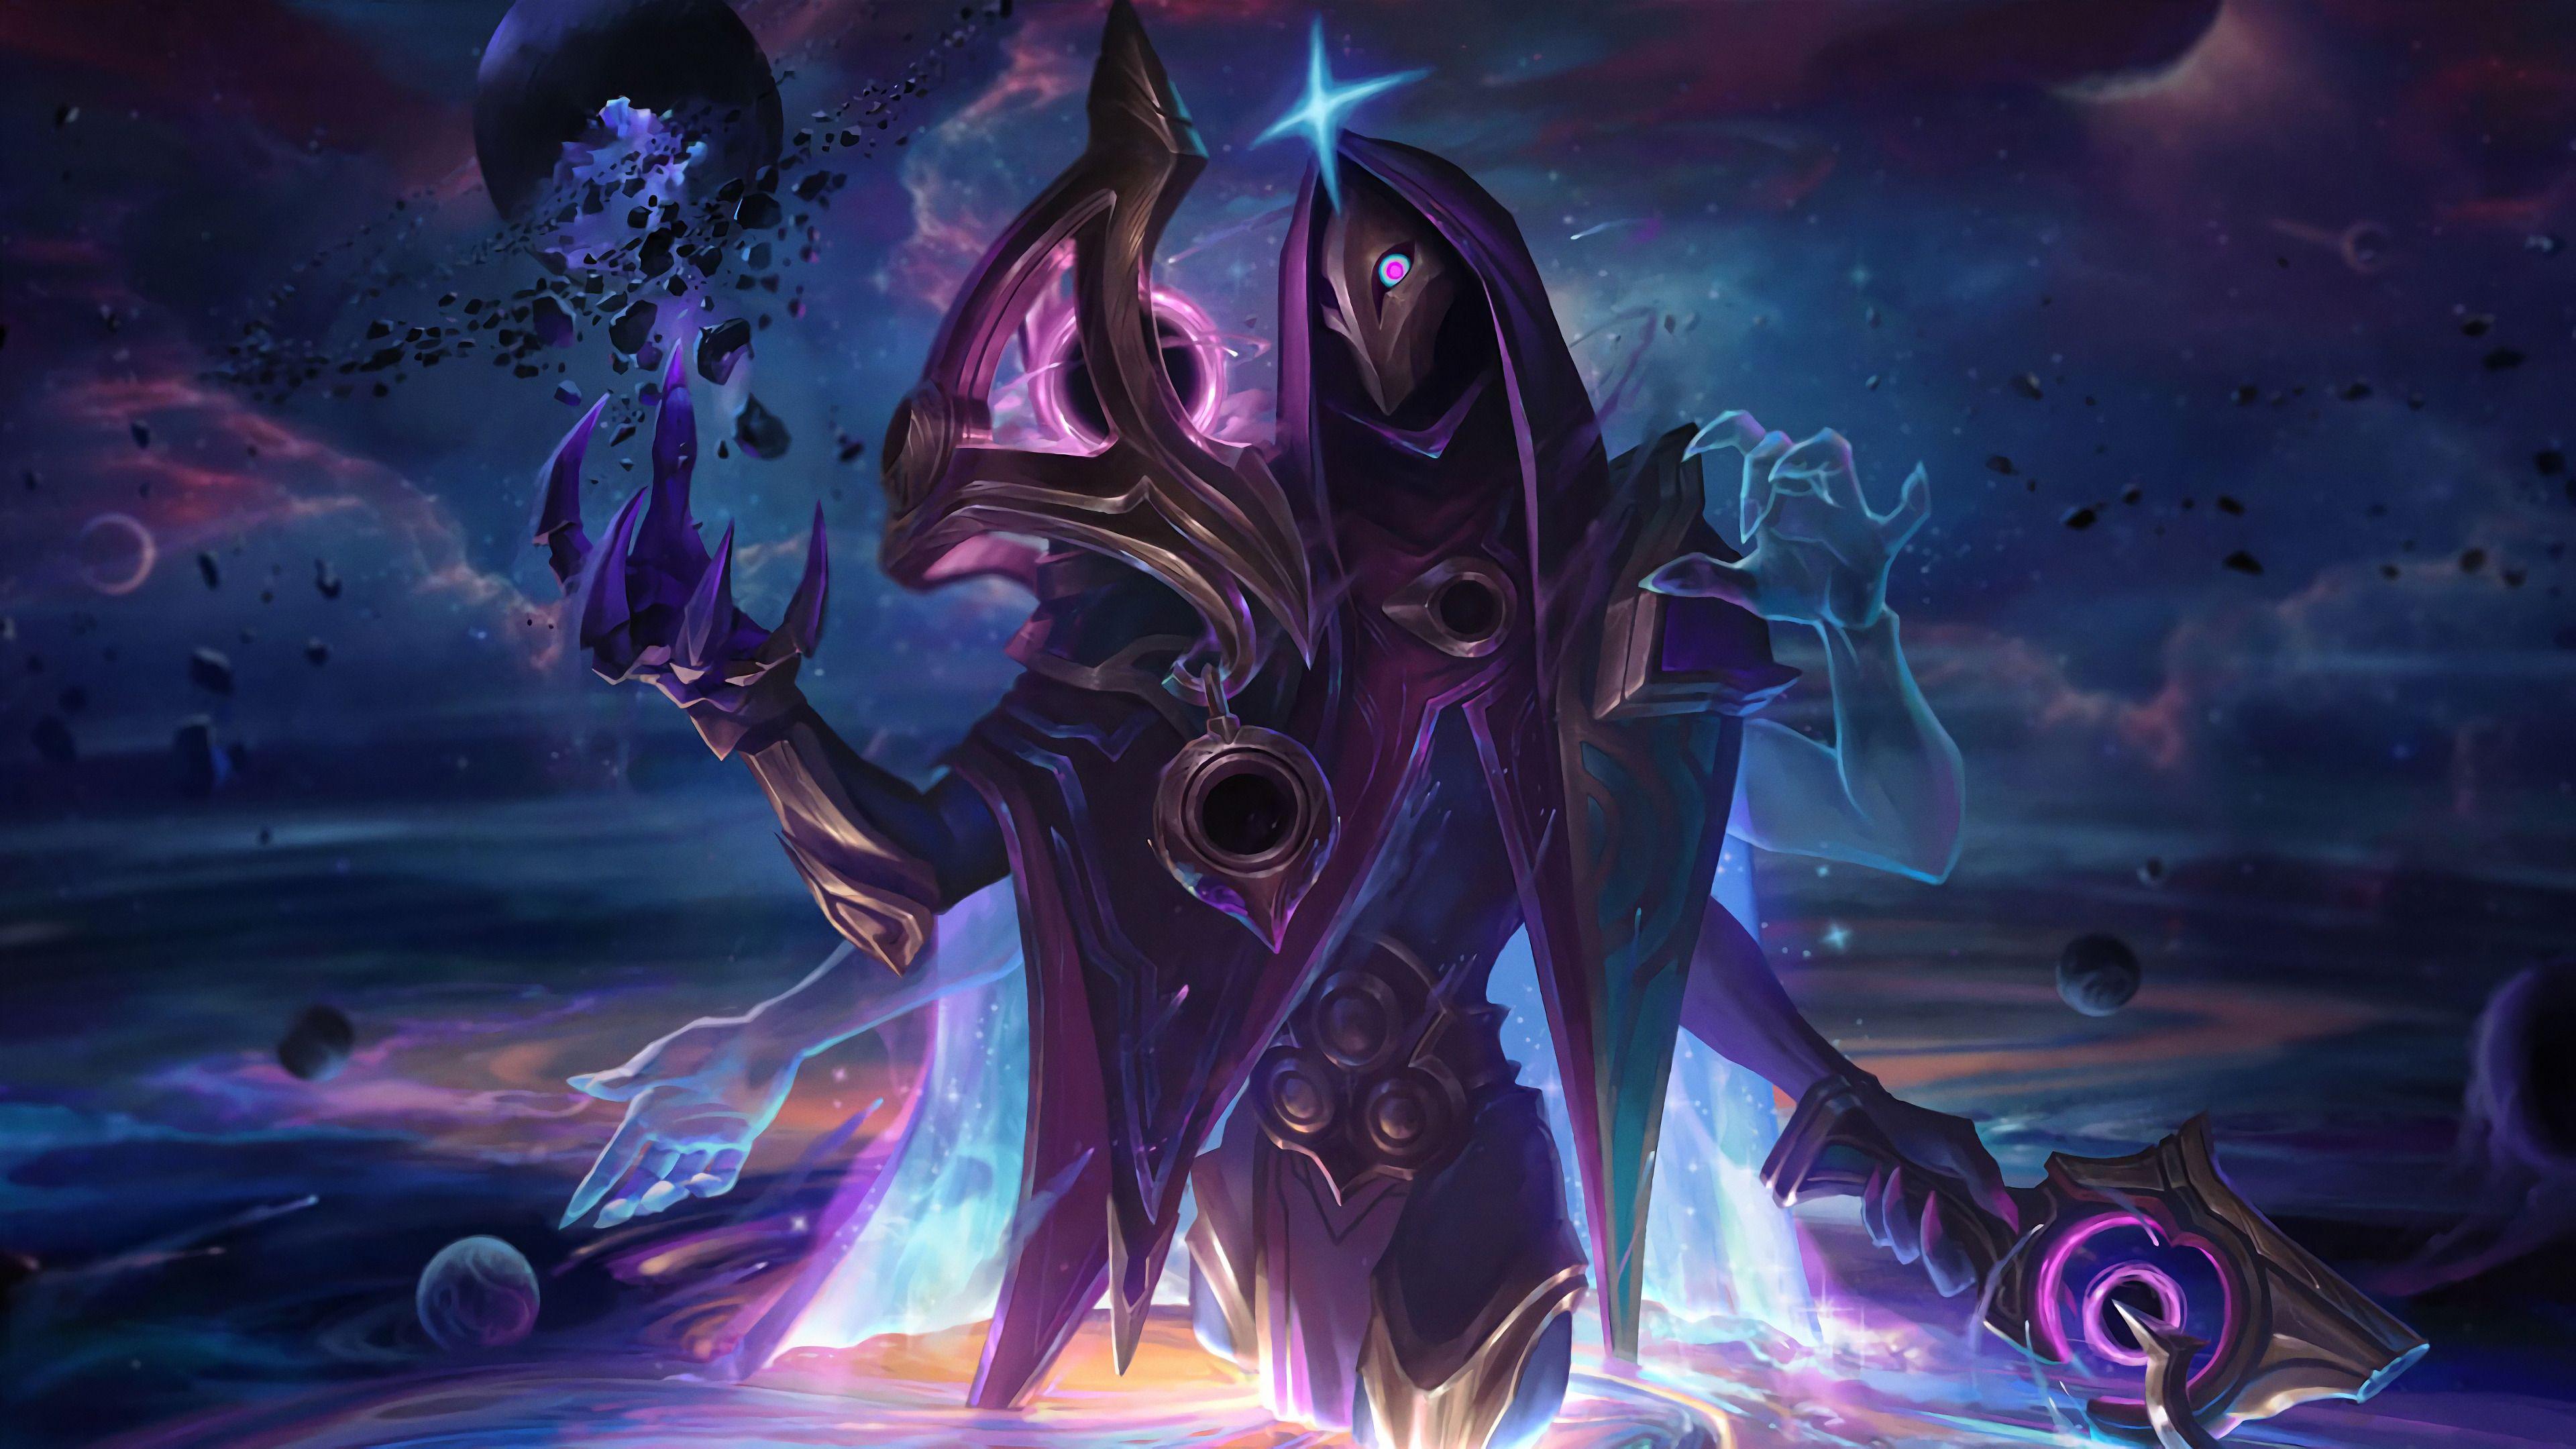 League Of Legends Dark Cosmic Jhin Wallpaper Https Ift Tt 32mve2l League Of Legends Art Karma